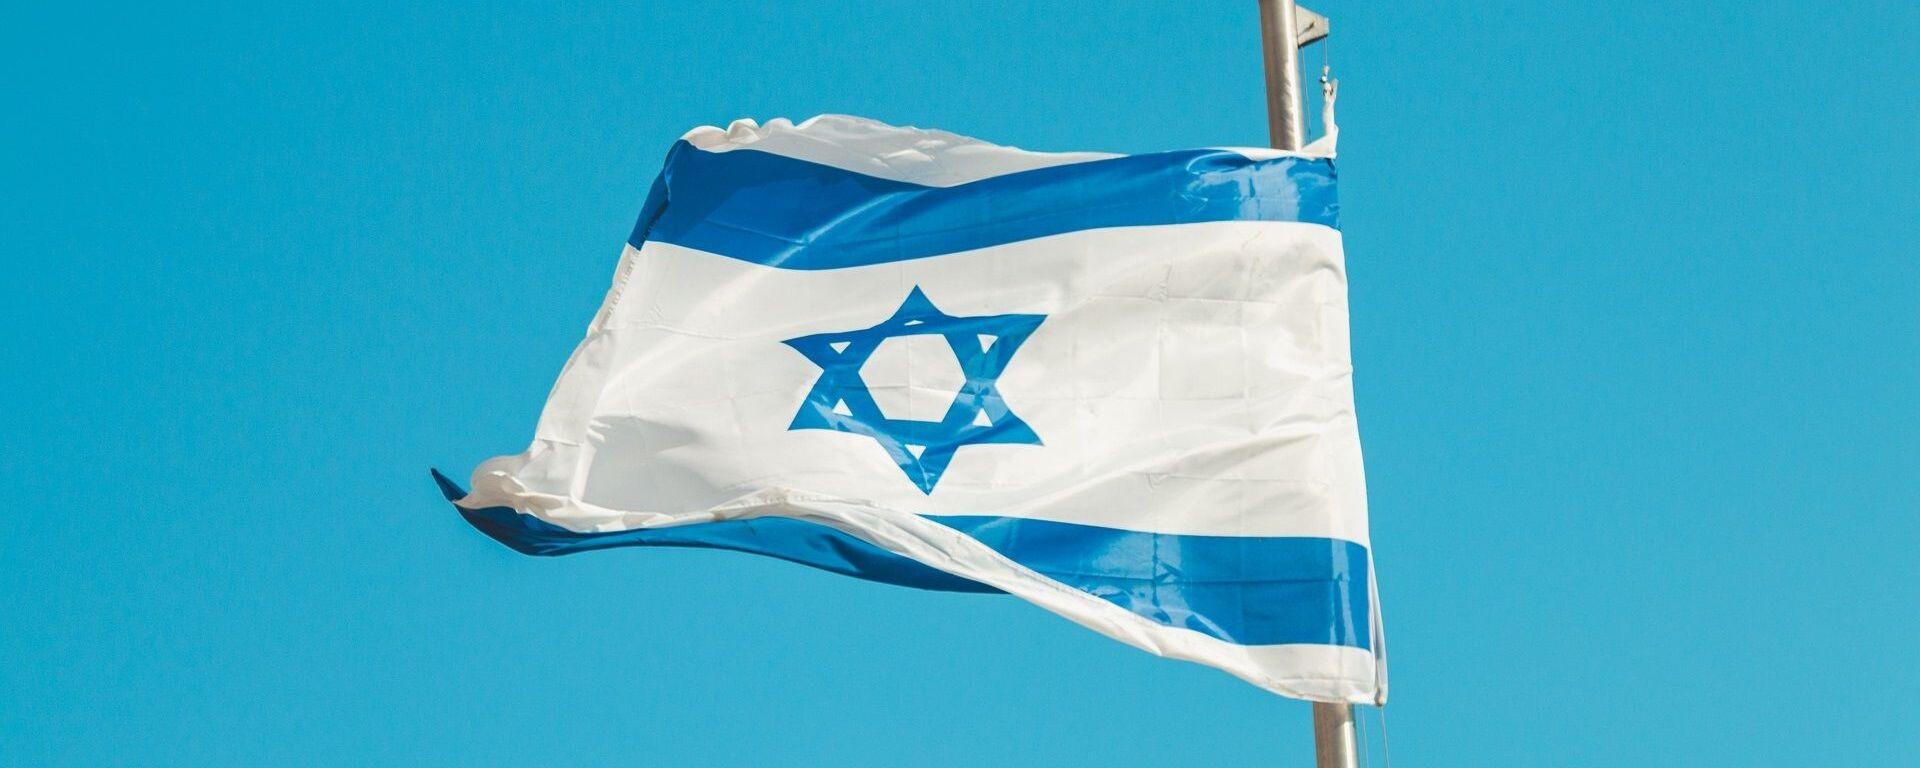 ისრაელის დროშა - Sputnik საქართველო, 1920, 12.05.2021